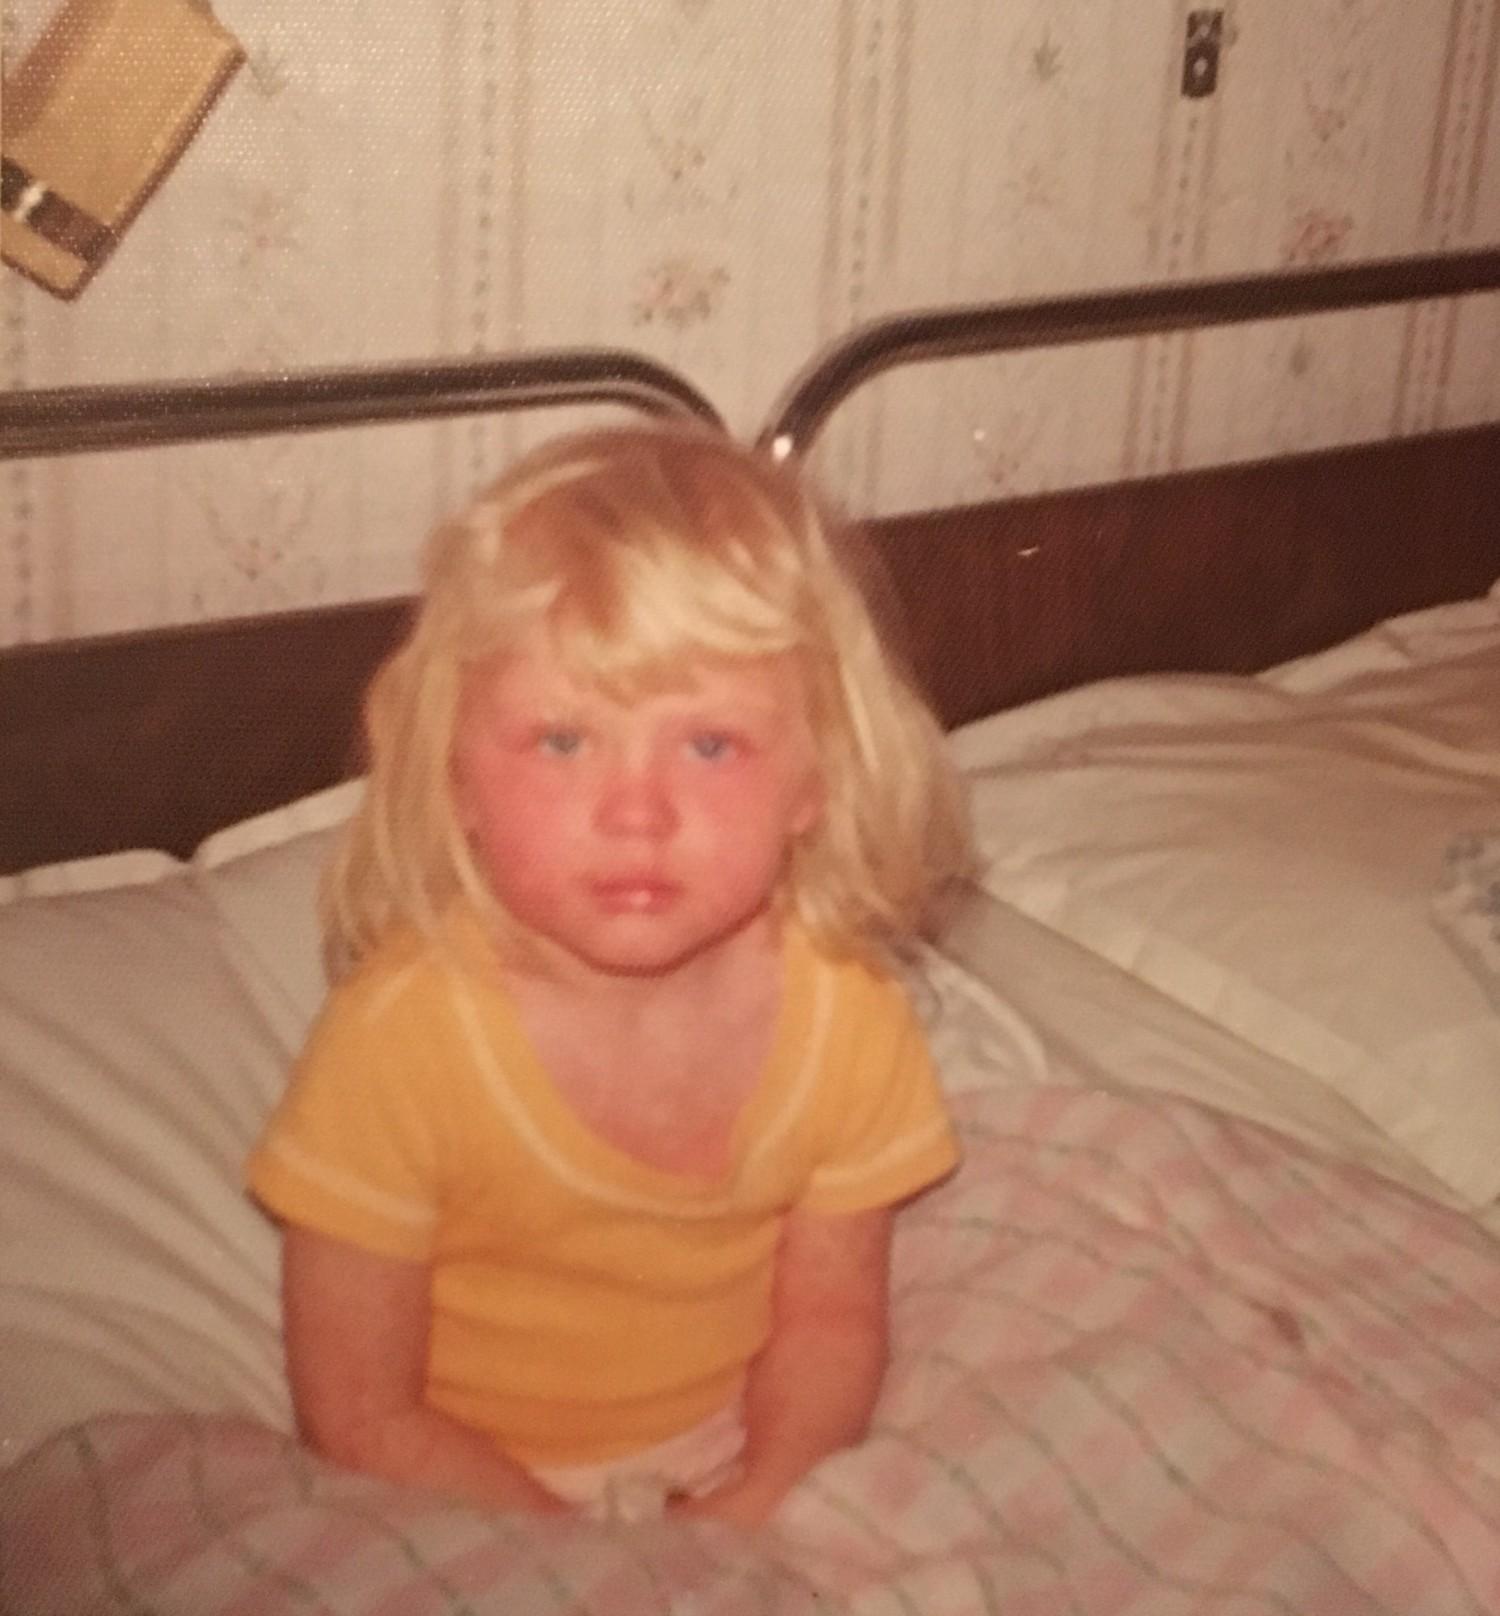 Der findes ingen billeder, fra da jeg havde Menigitis. Men her er et fra da jeg havde tjah en eller anden børnesygdom. Gud hvor er jeg kær' ha ha